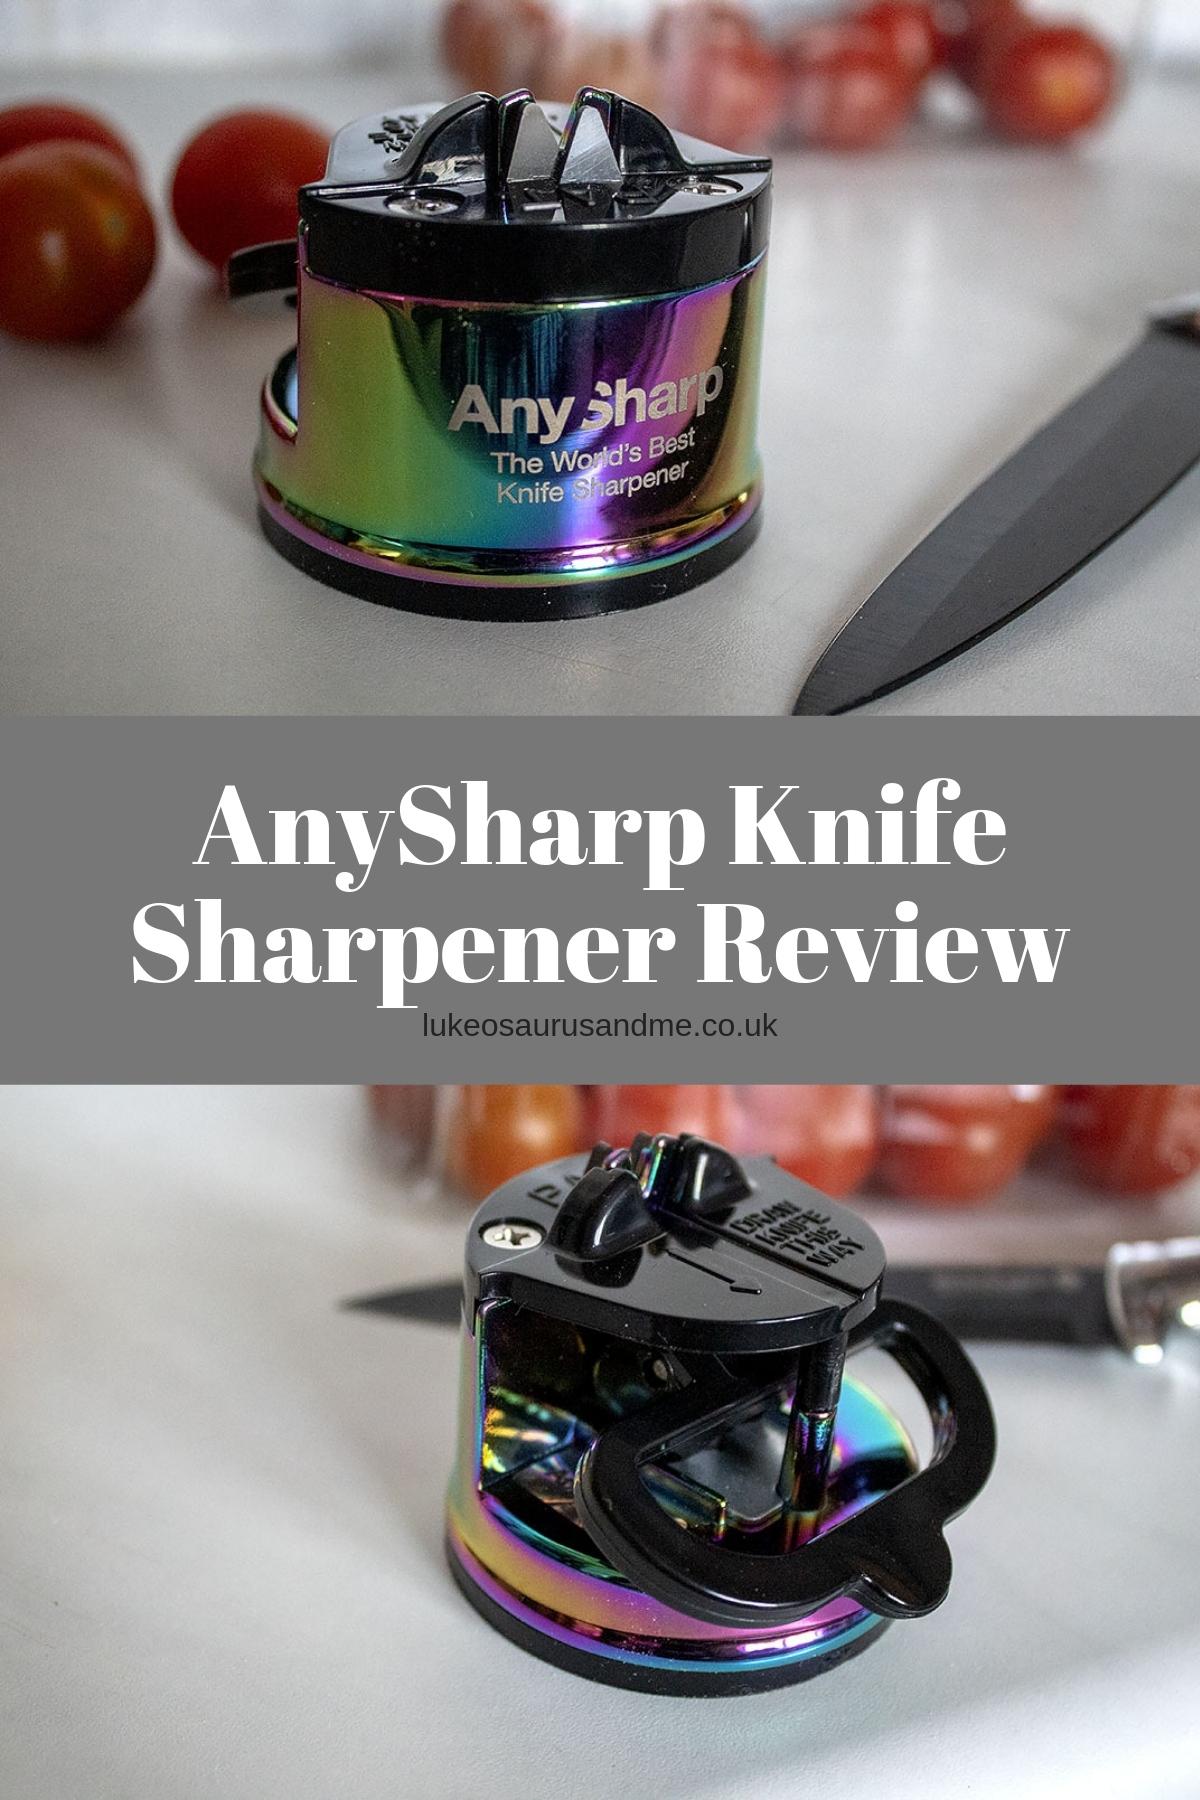 AnySharp Knife Sharpener Review at https://lukeosaurusandme.co.uk